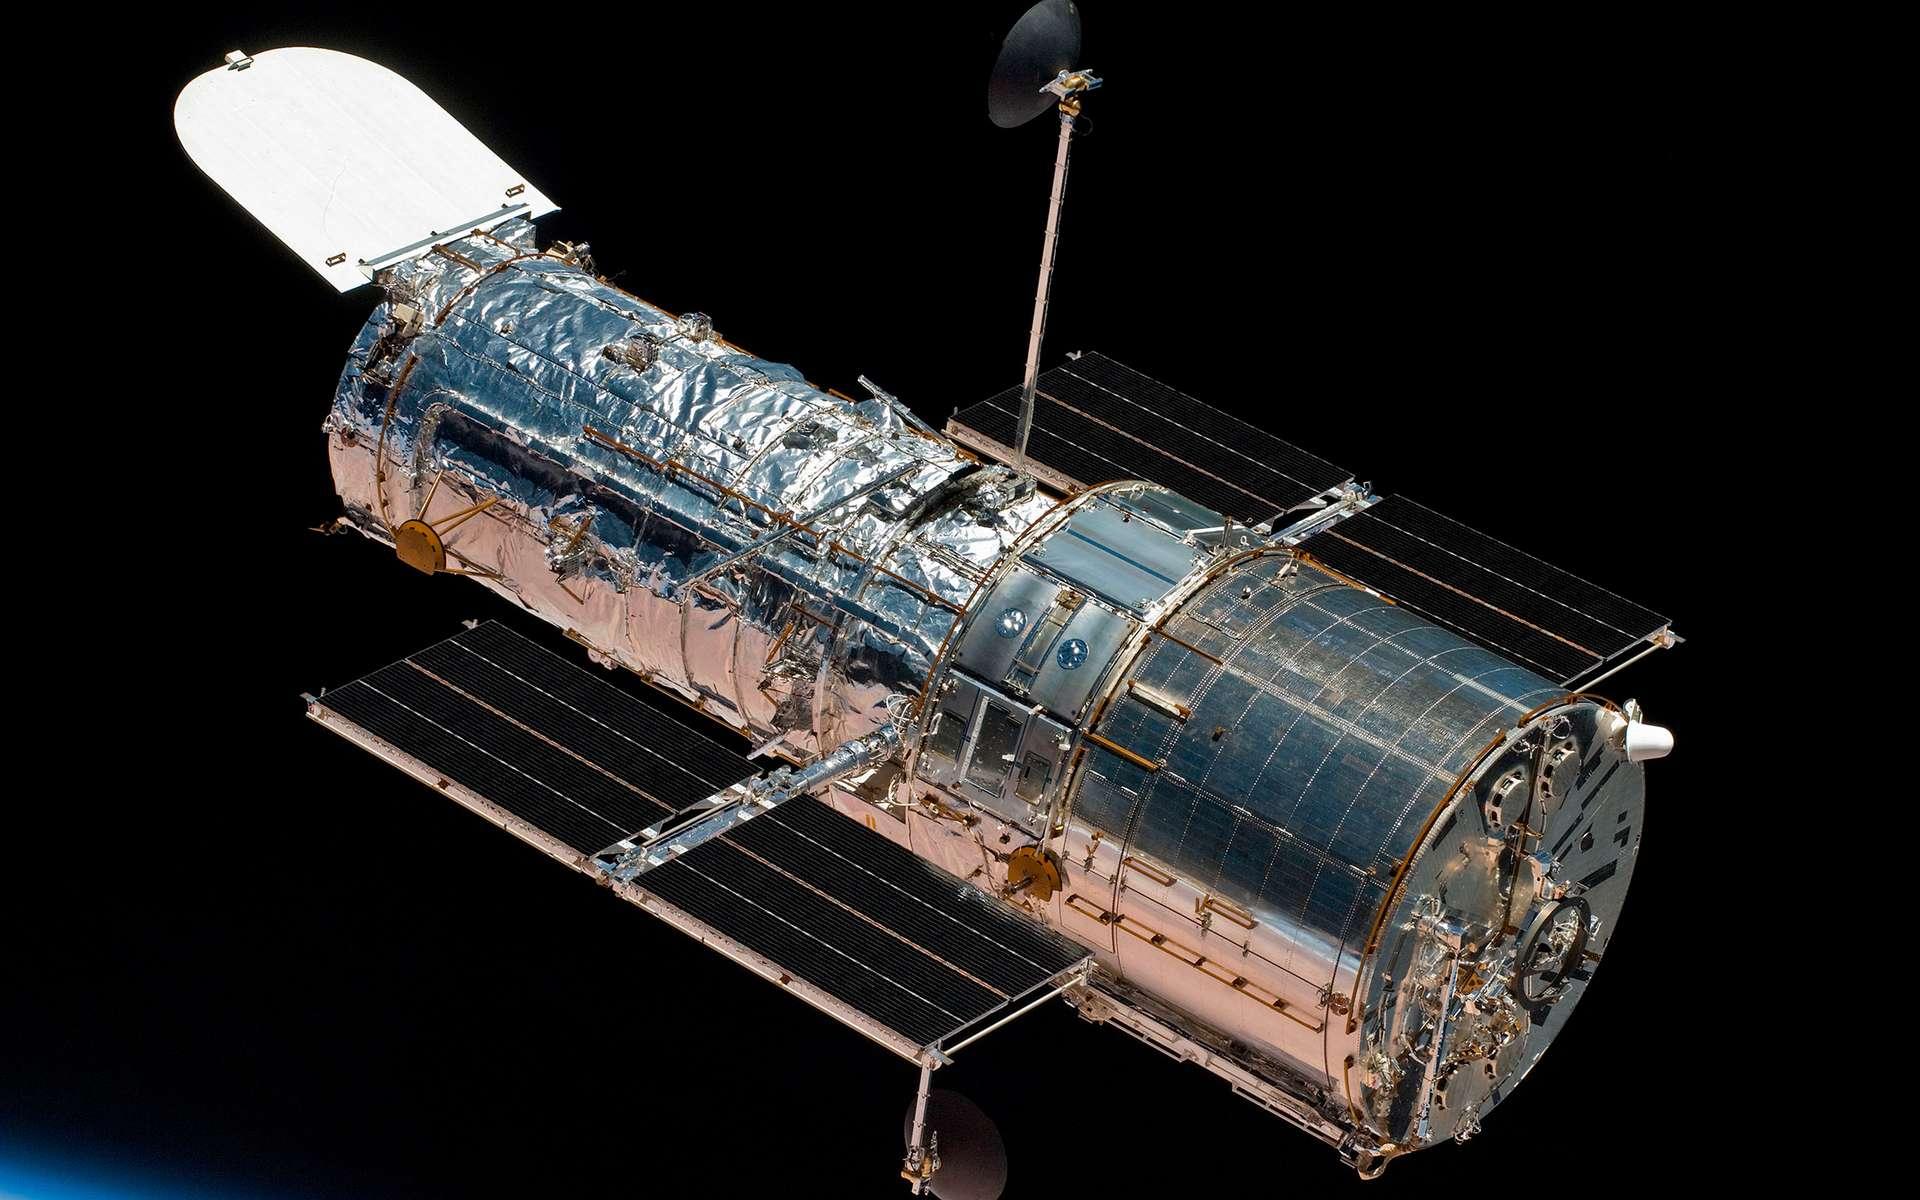 Le télescope spatial Hubble lors de la quatrième et dernière mission de service (mai 2009). © Nasa